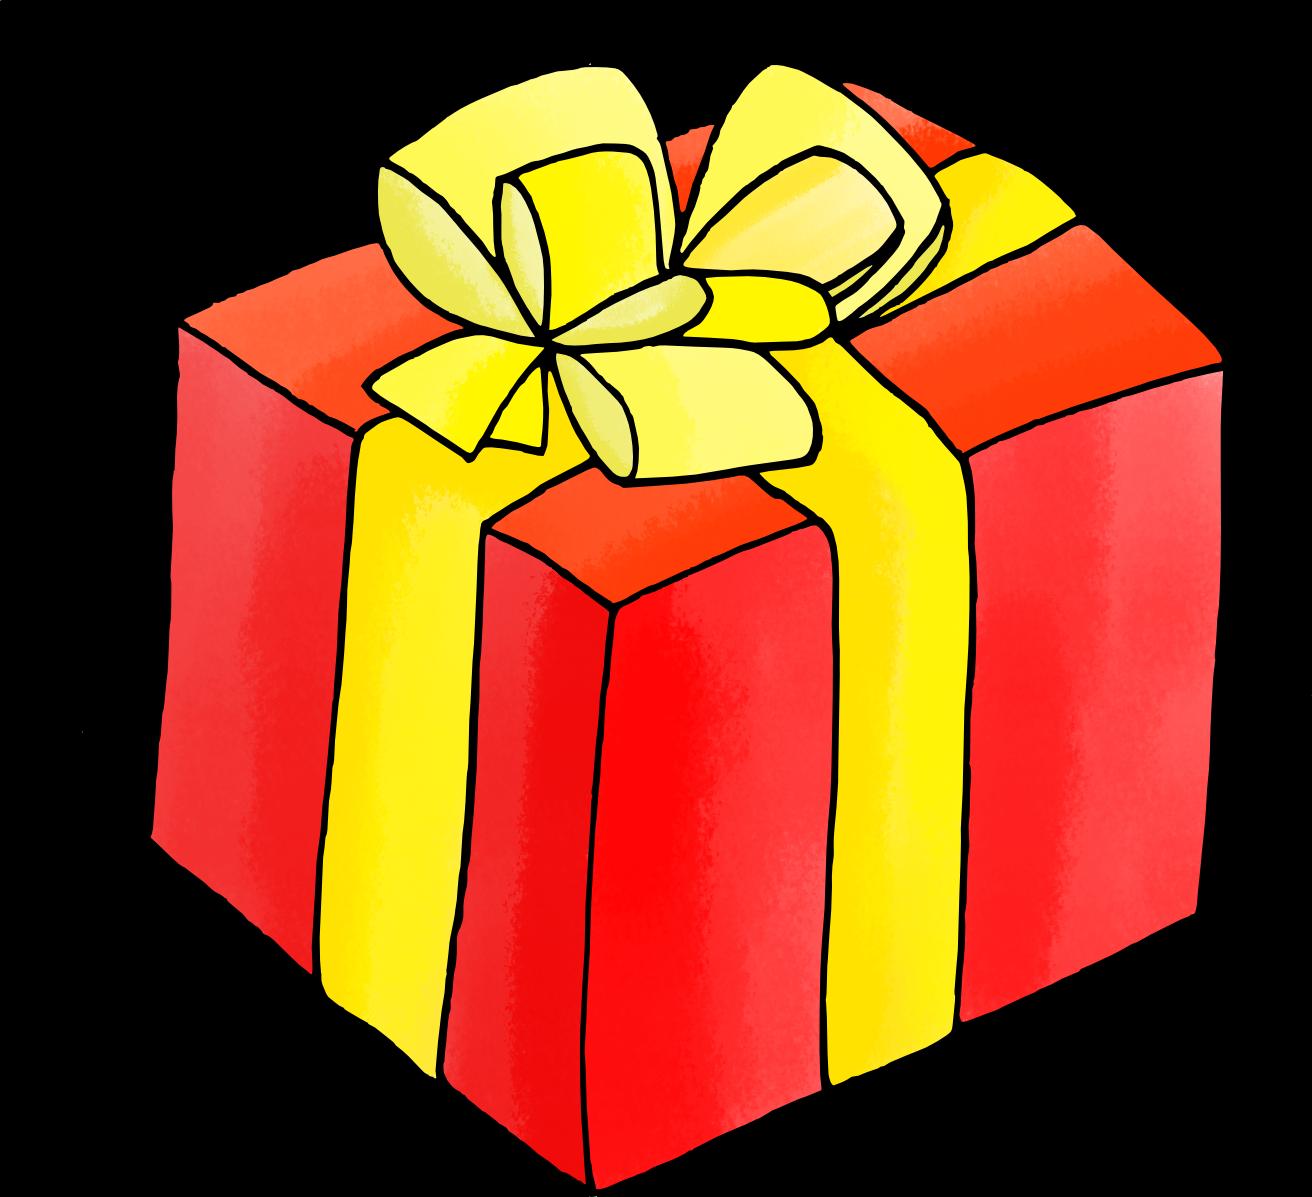 Dessins th me de no l le blog de mysticlolly - Dessin de cadeau ...